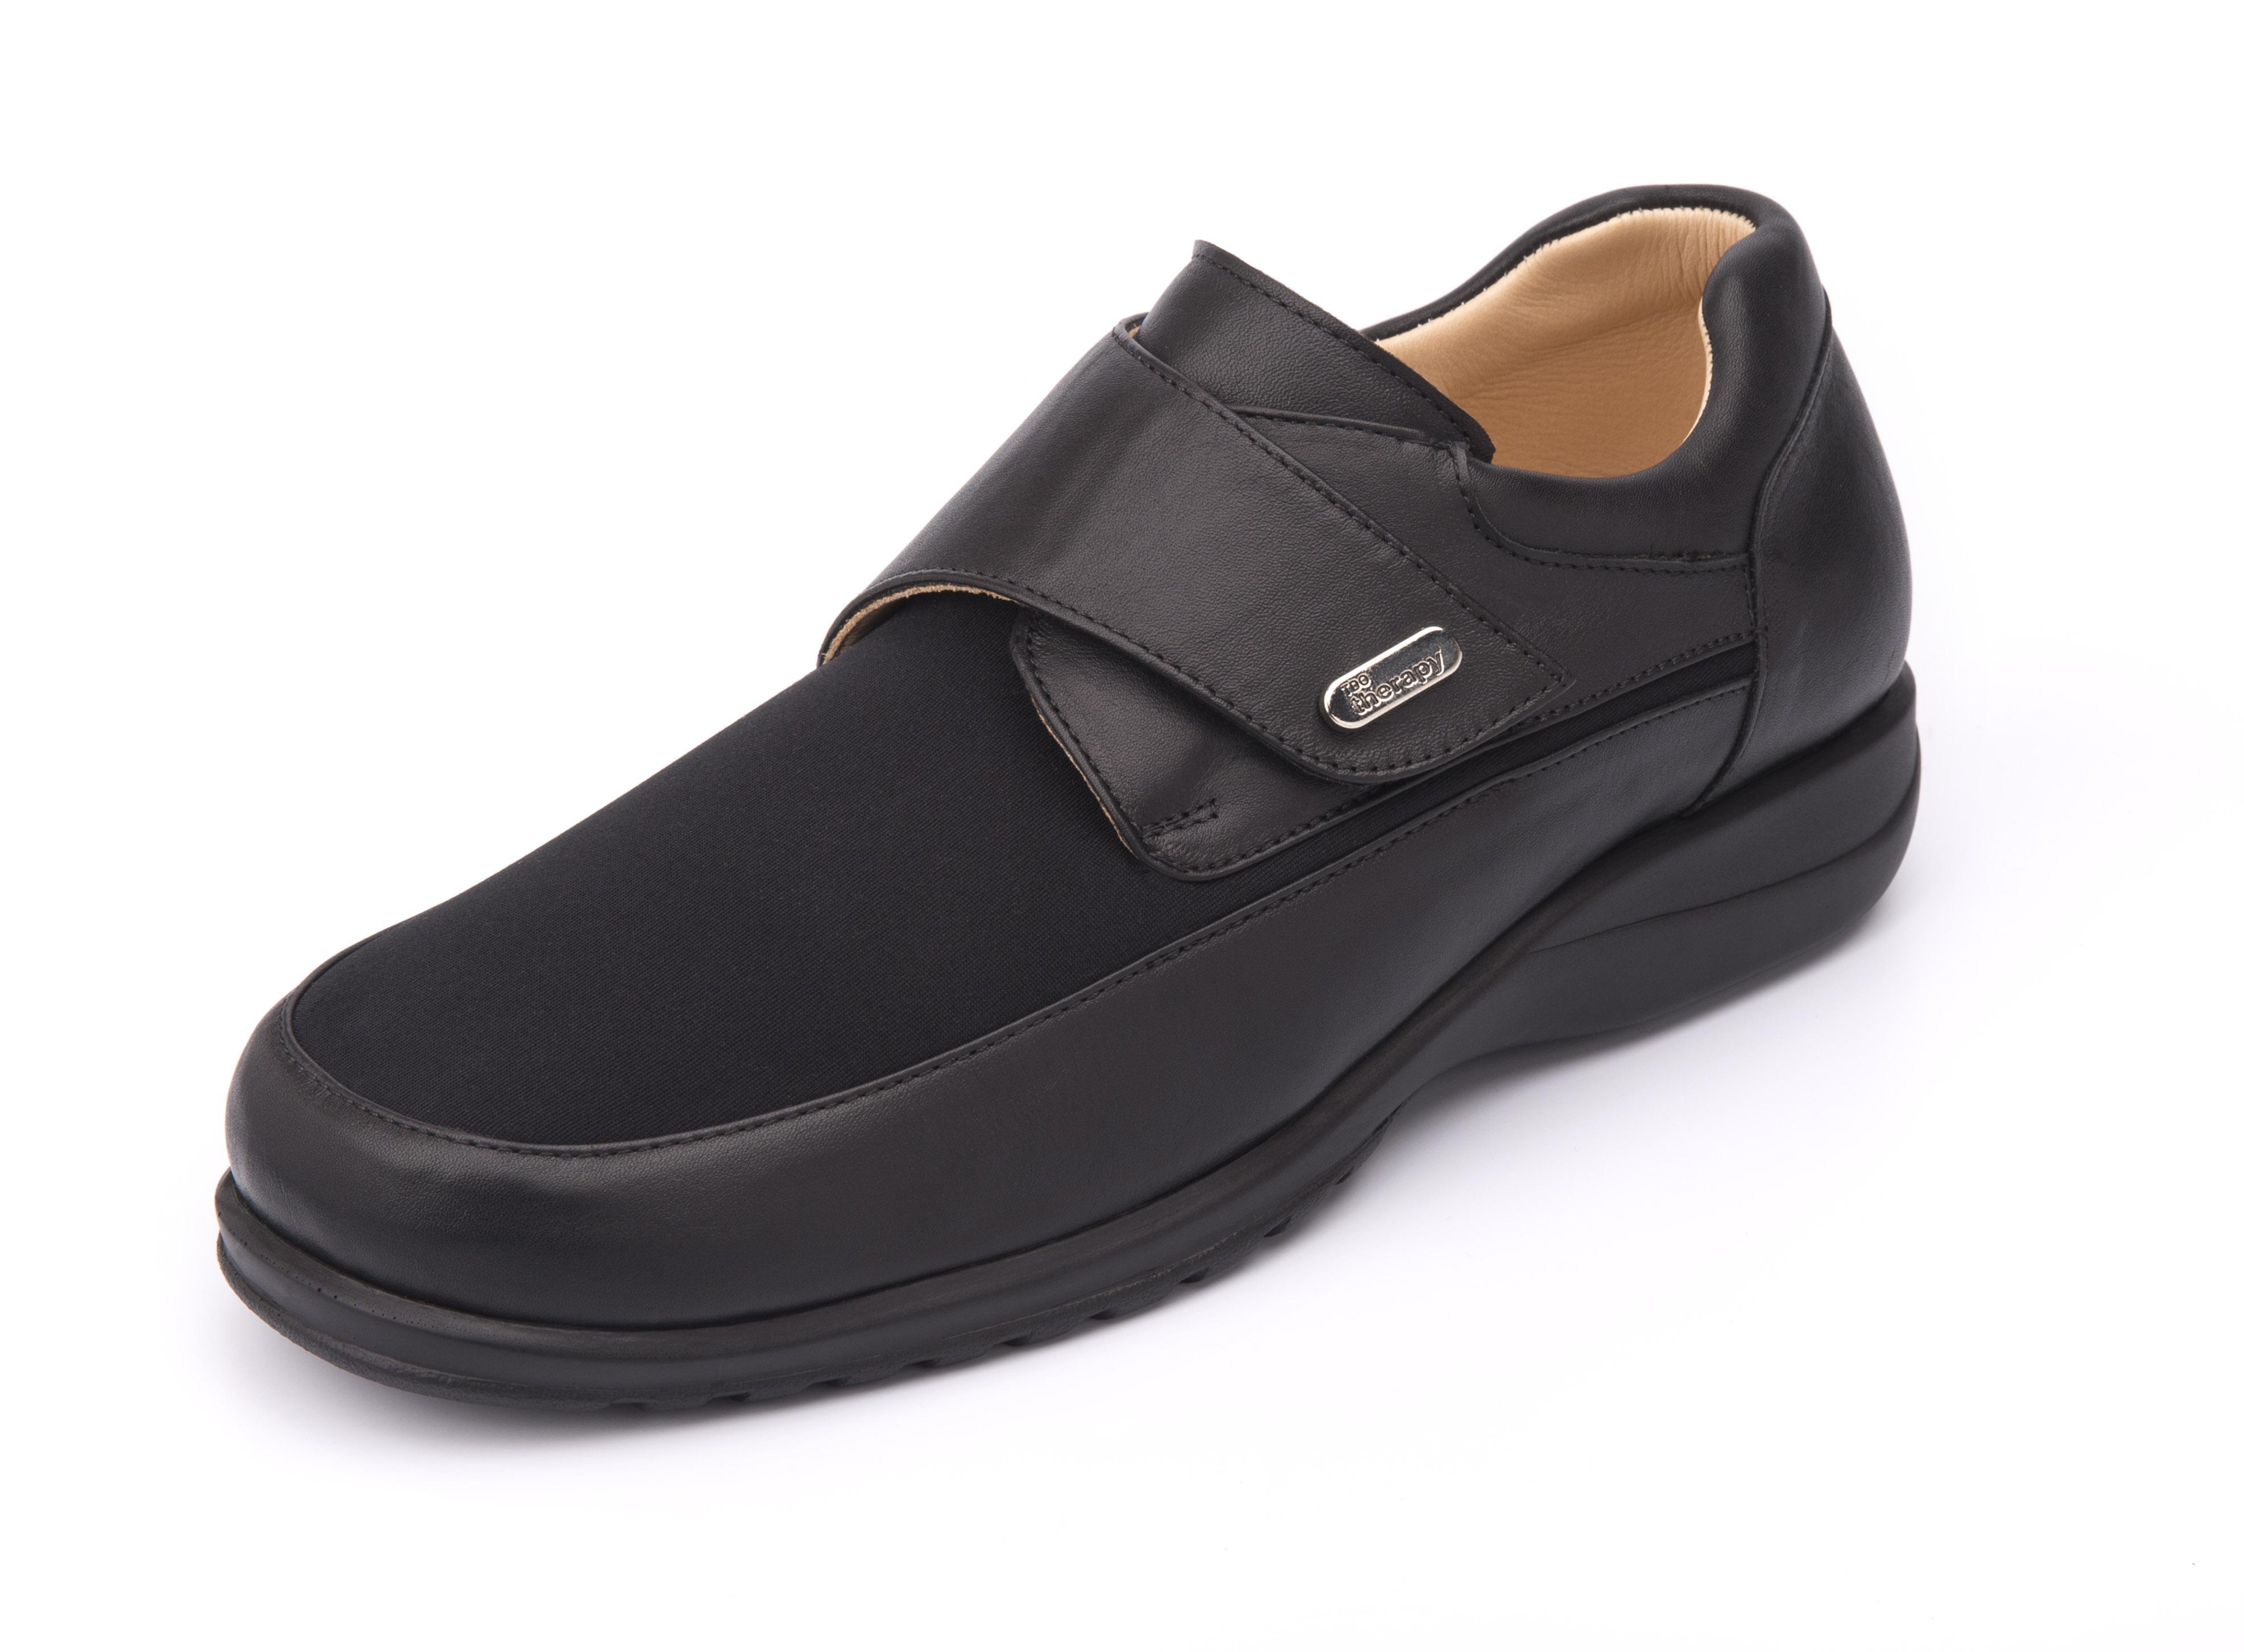 Model 201 TM Shoes - Celtic Orthotics